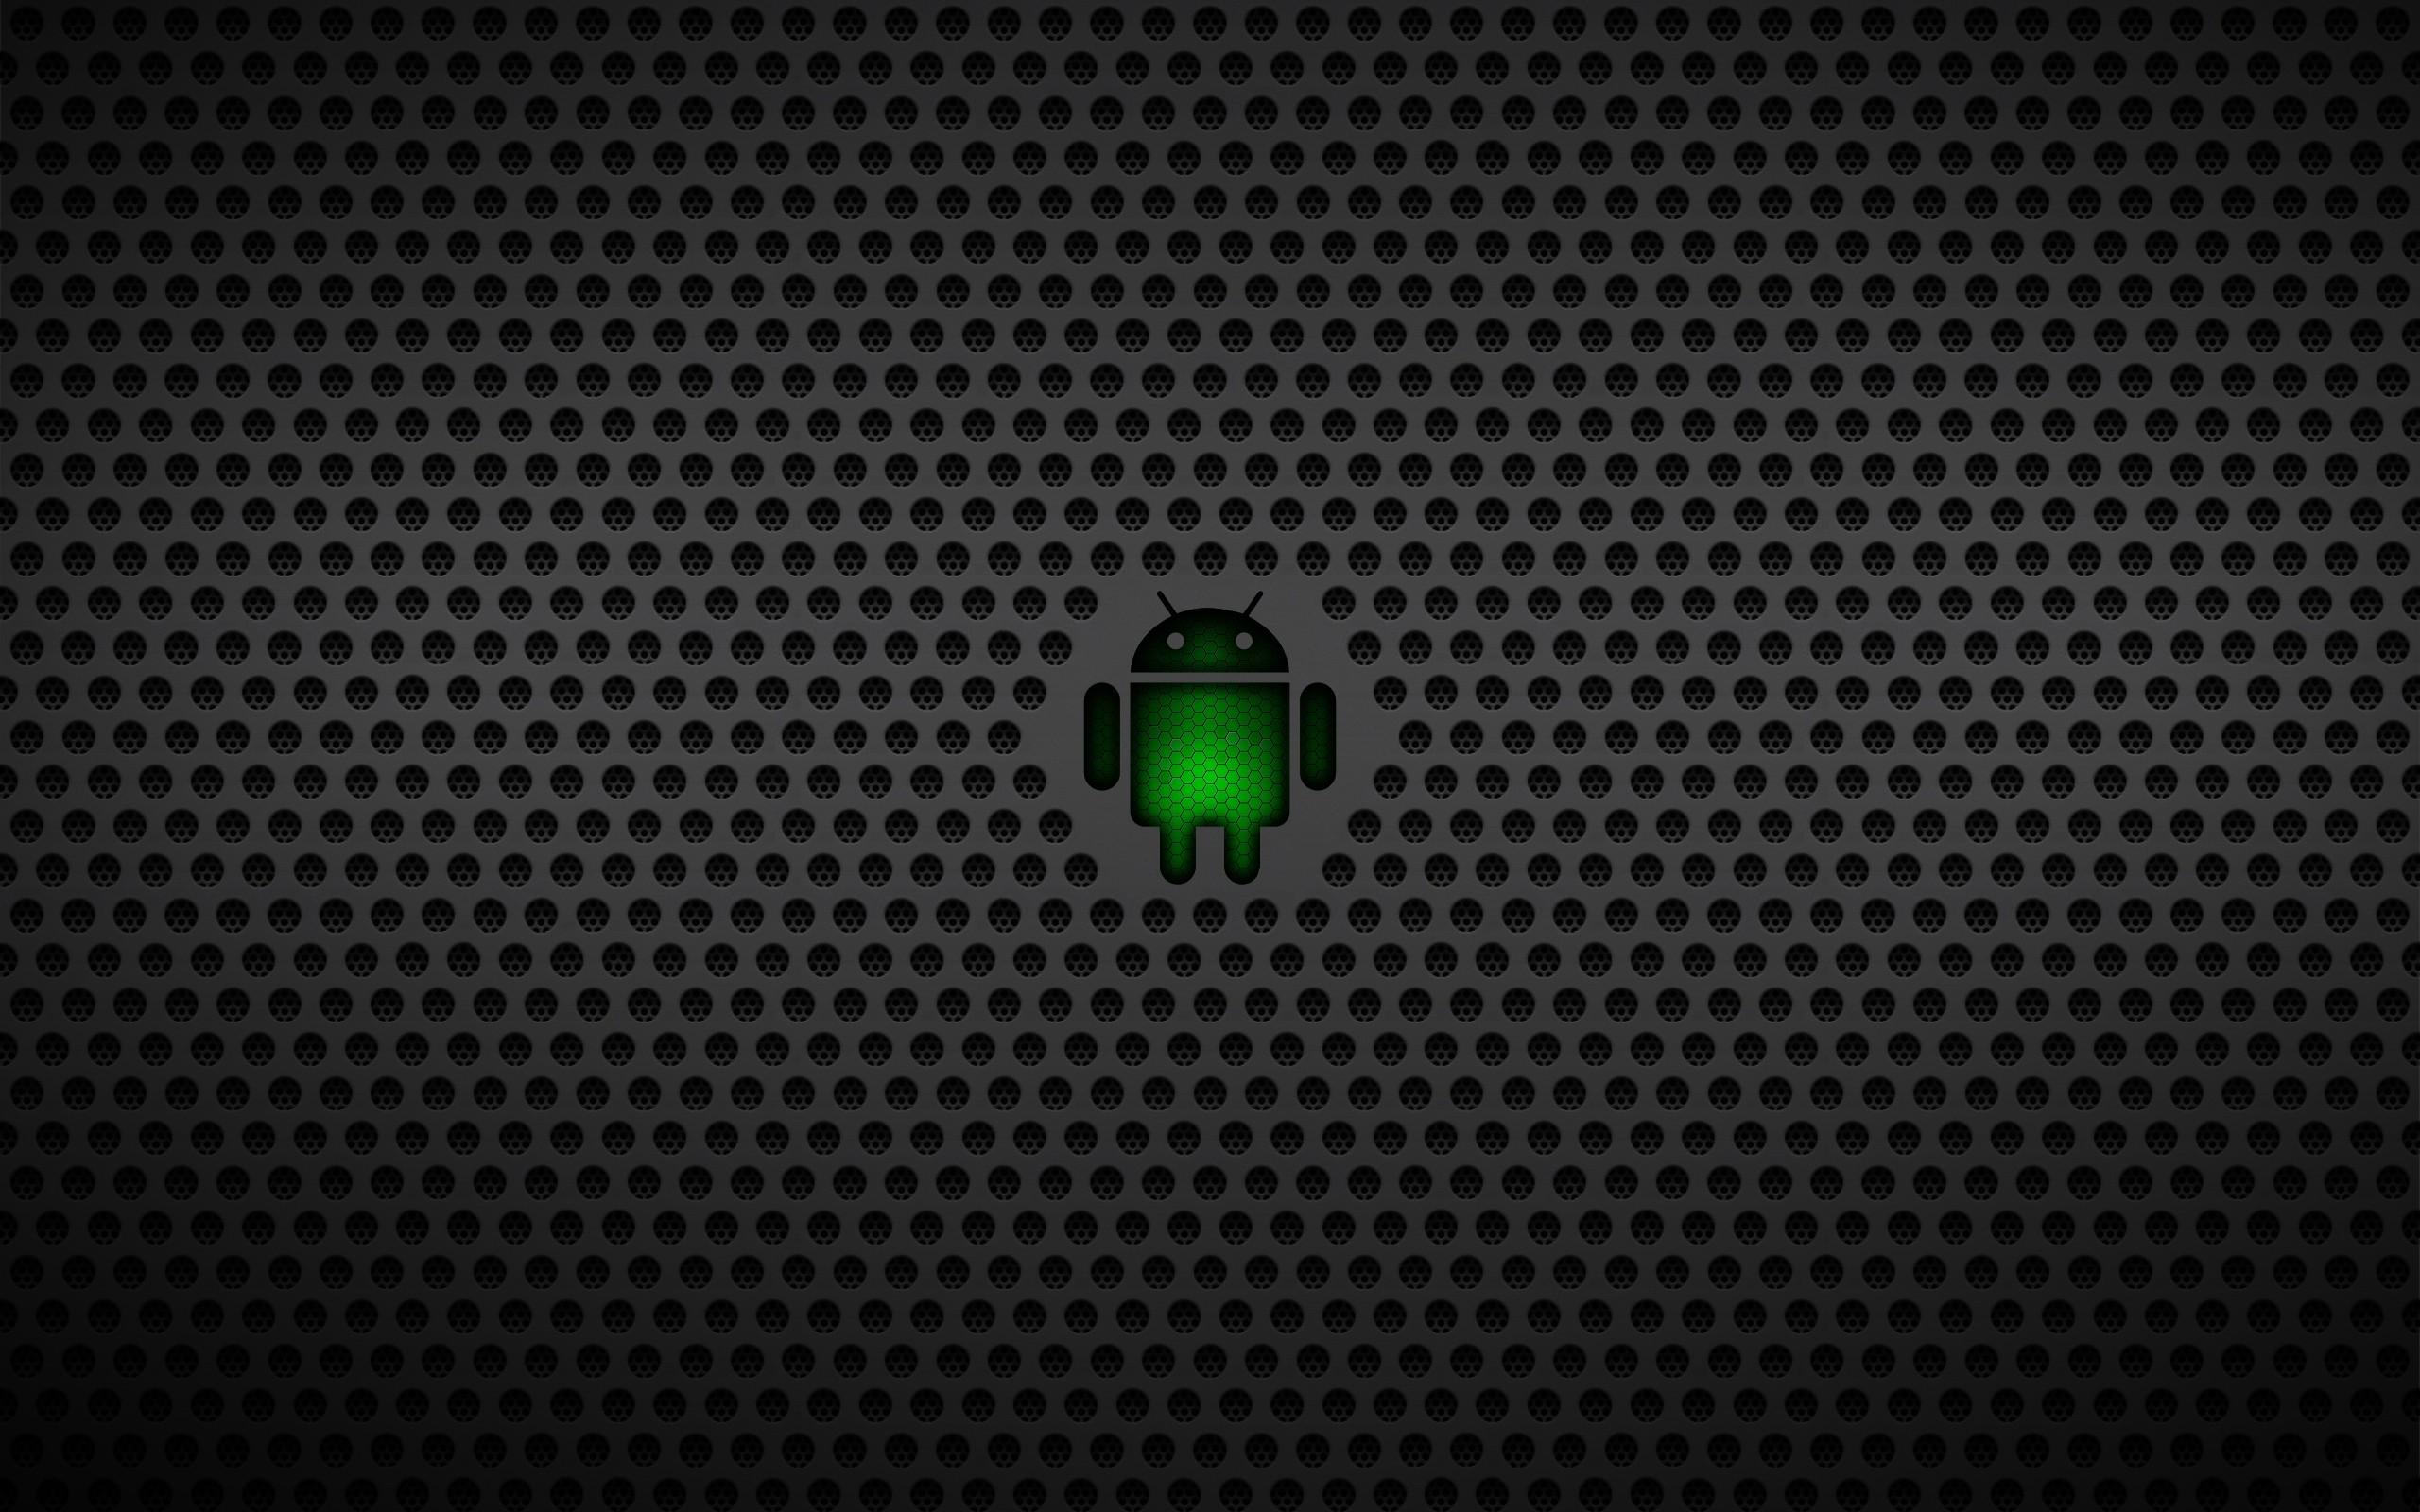 Fondos de pantalla de Android fondo puntos negros tamao 800x600 2560x1600